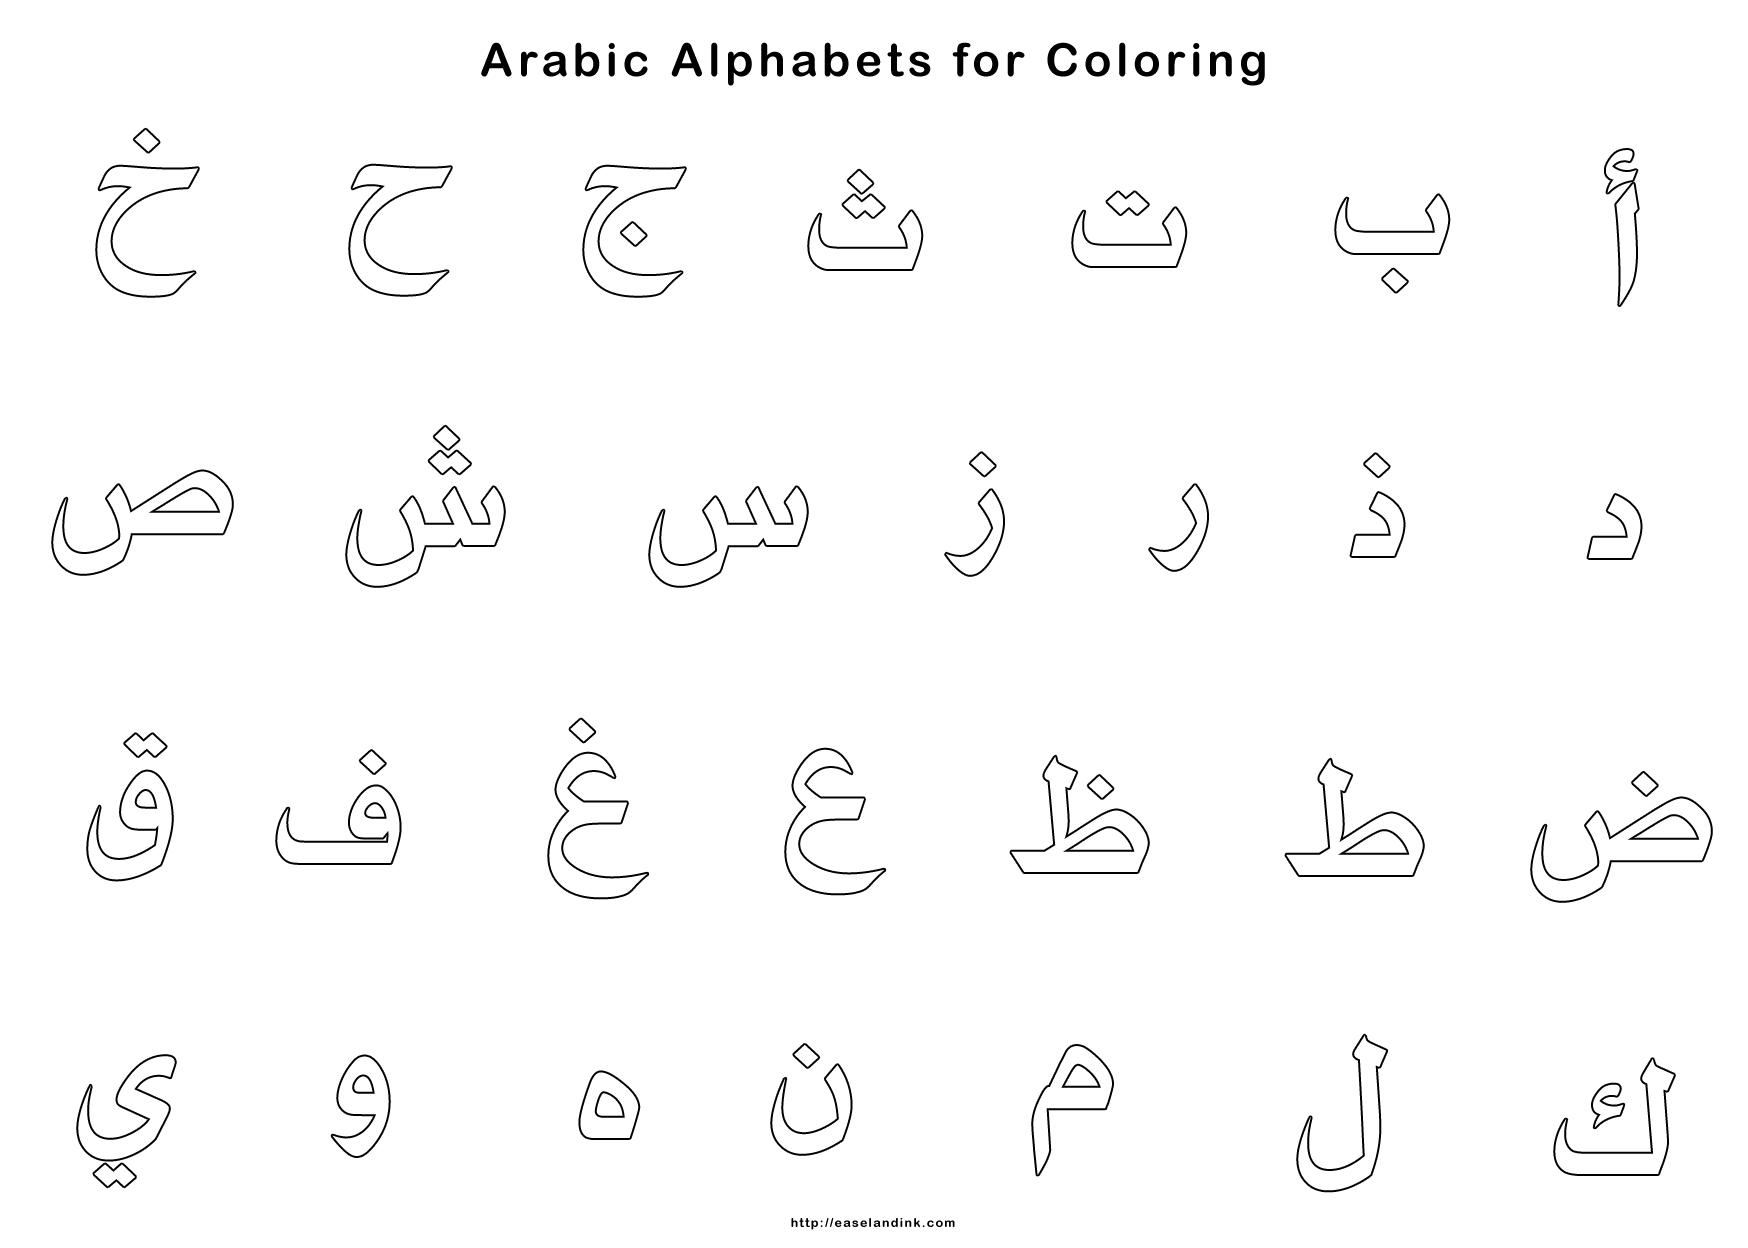 اوراق عمل للاطفال لتعليم الحروف وكتابتها والتلوين شيتات تعليم حروف اللغه العربيه للاطفال للطباع Elementary Writing Alphabet Coloring Pages Kindergarten Writing